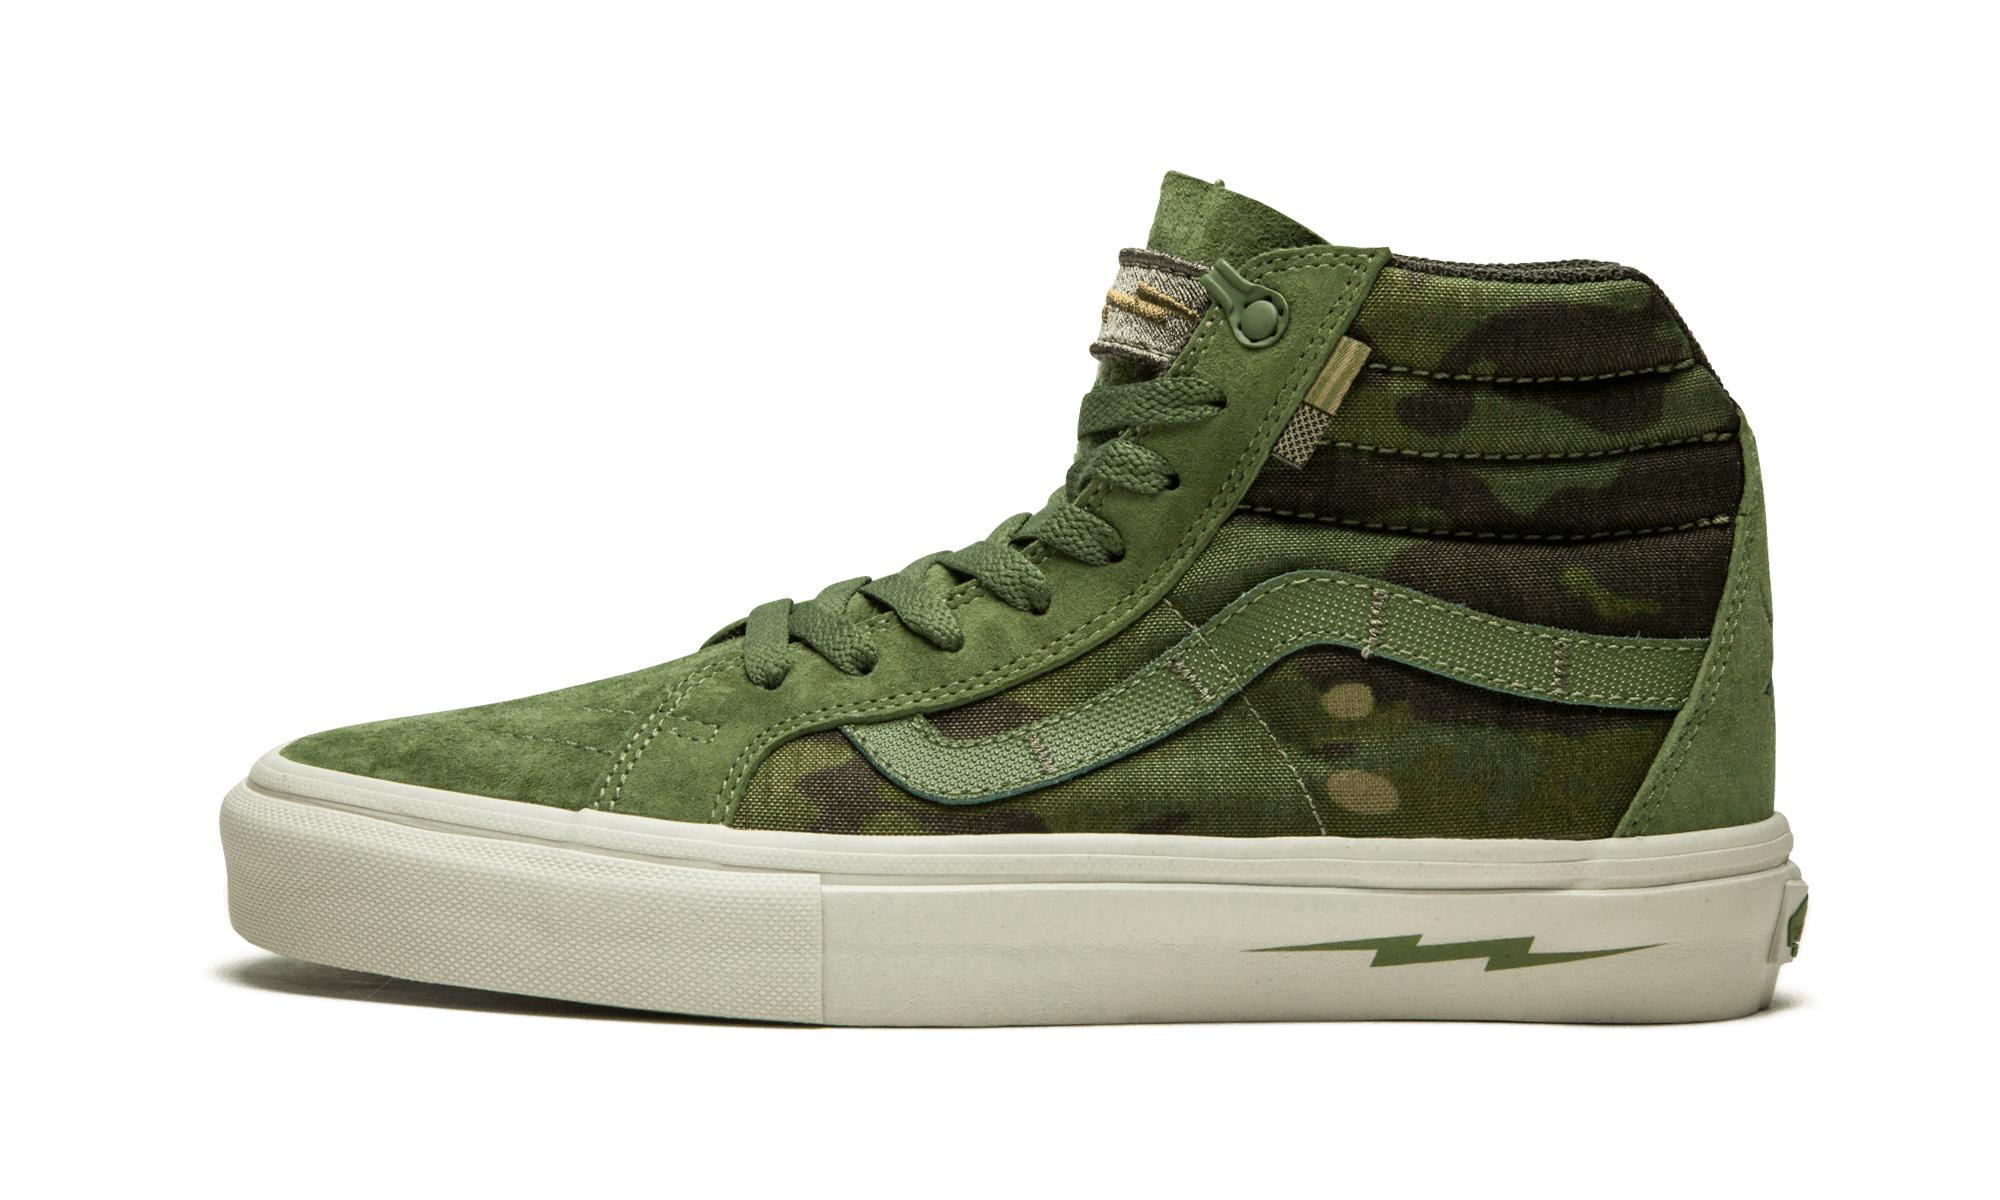 Lyst - Vans Sk8-hi Notchback Pro in Green for Men 384061e7a